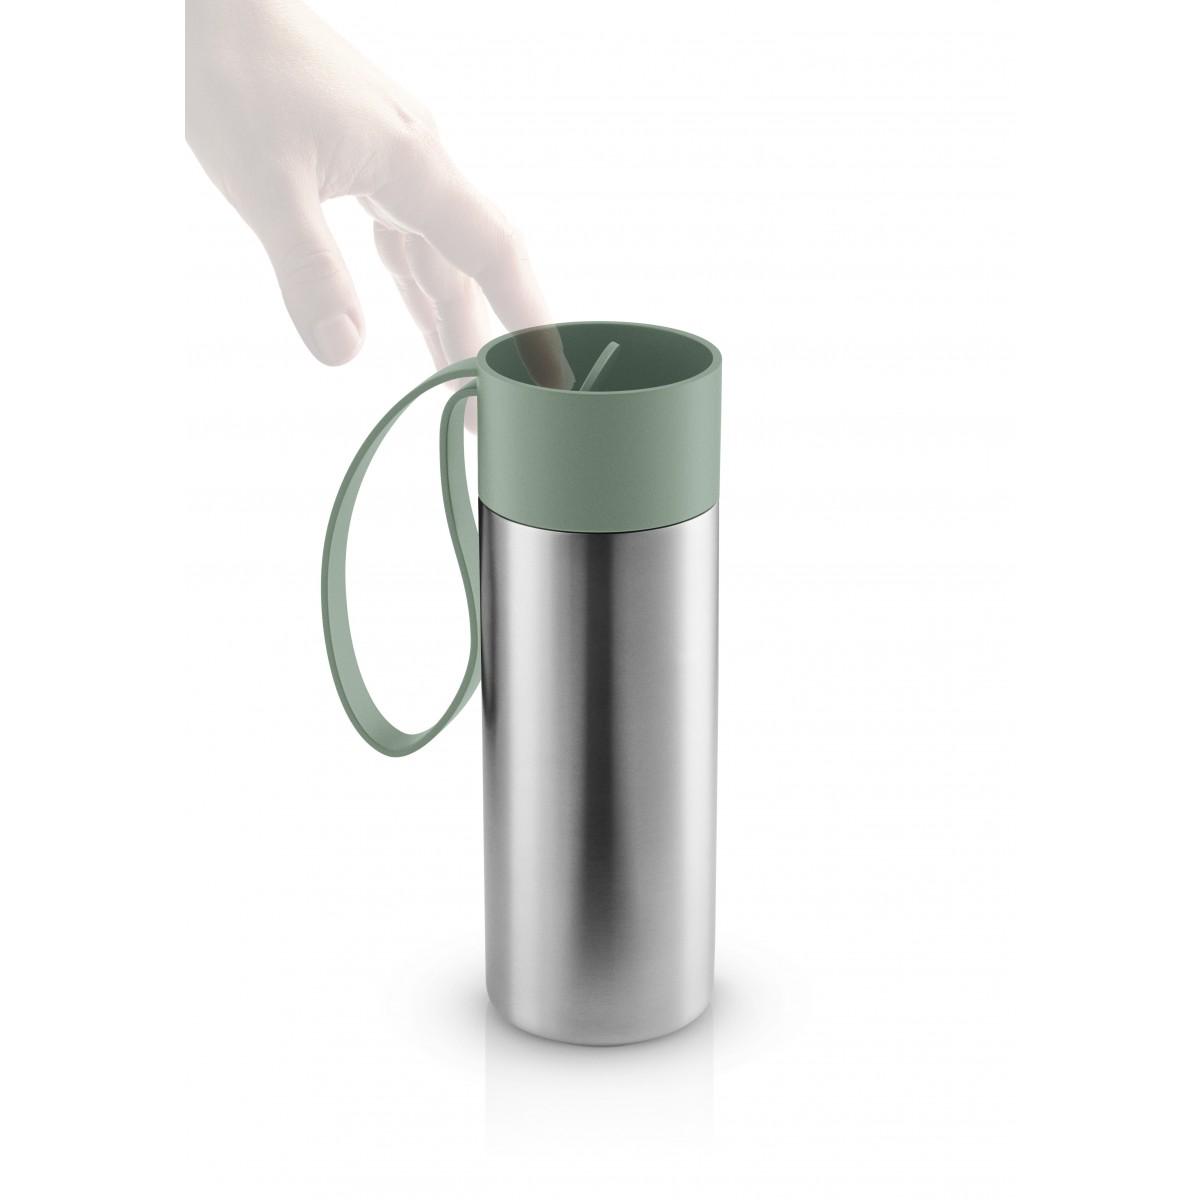 EVA SOLO To go kop 0,35 ltr falmet grøn